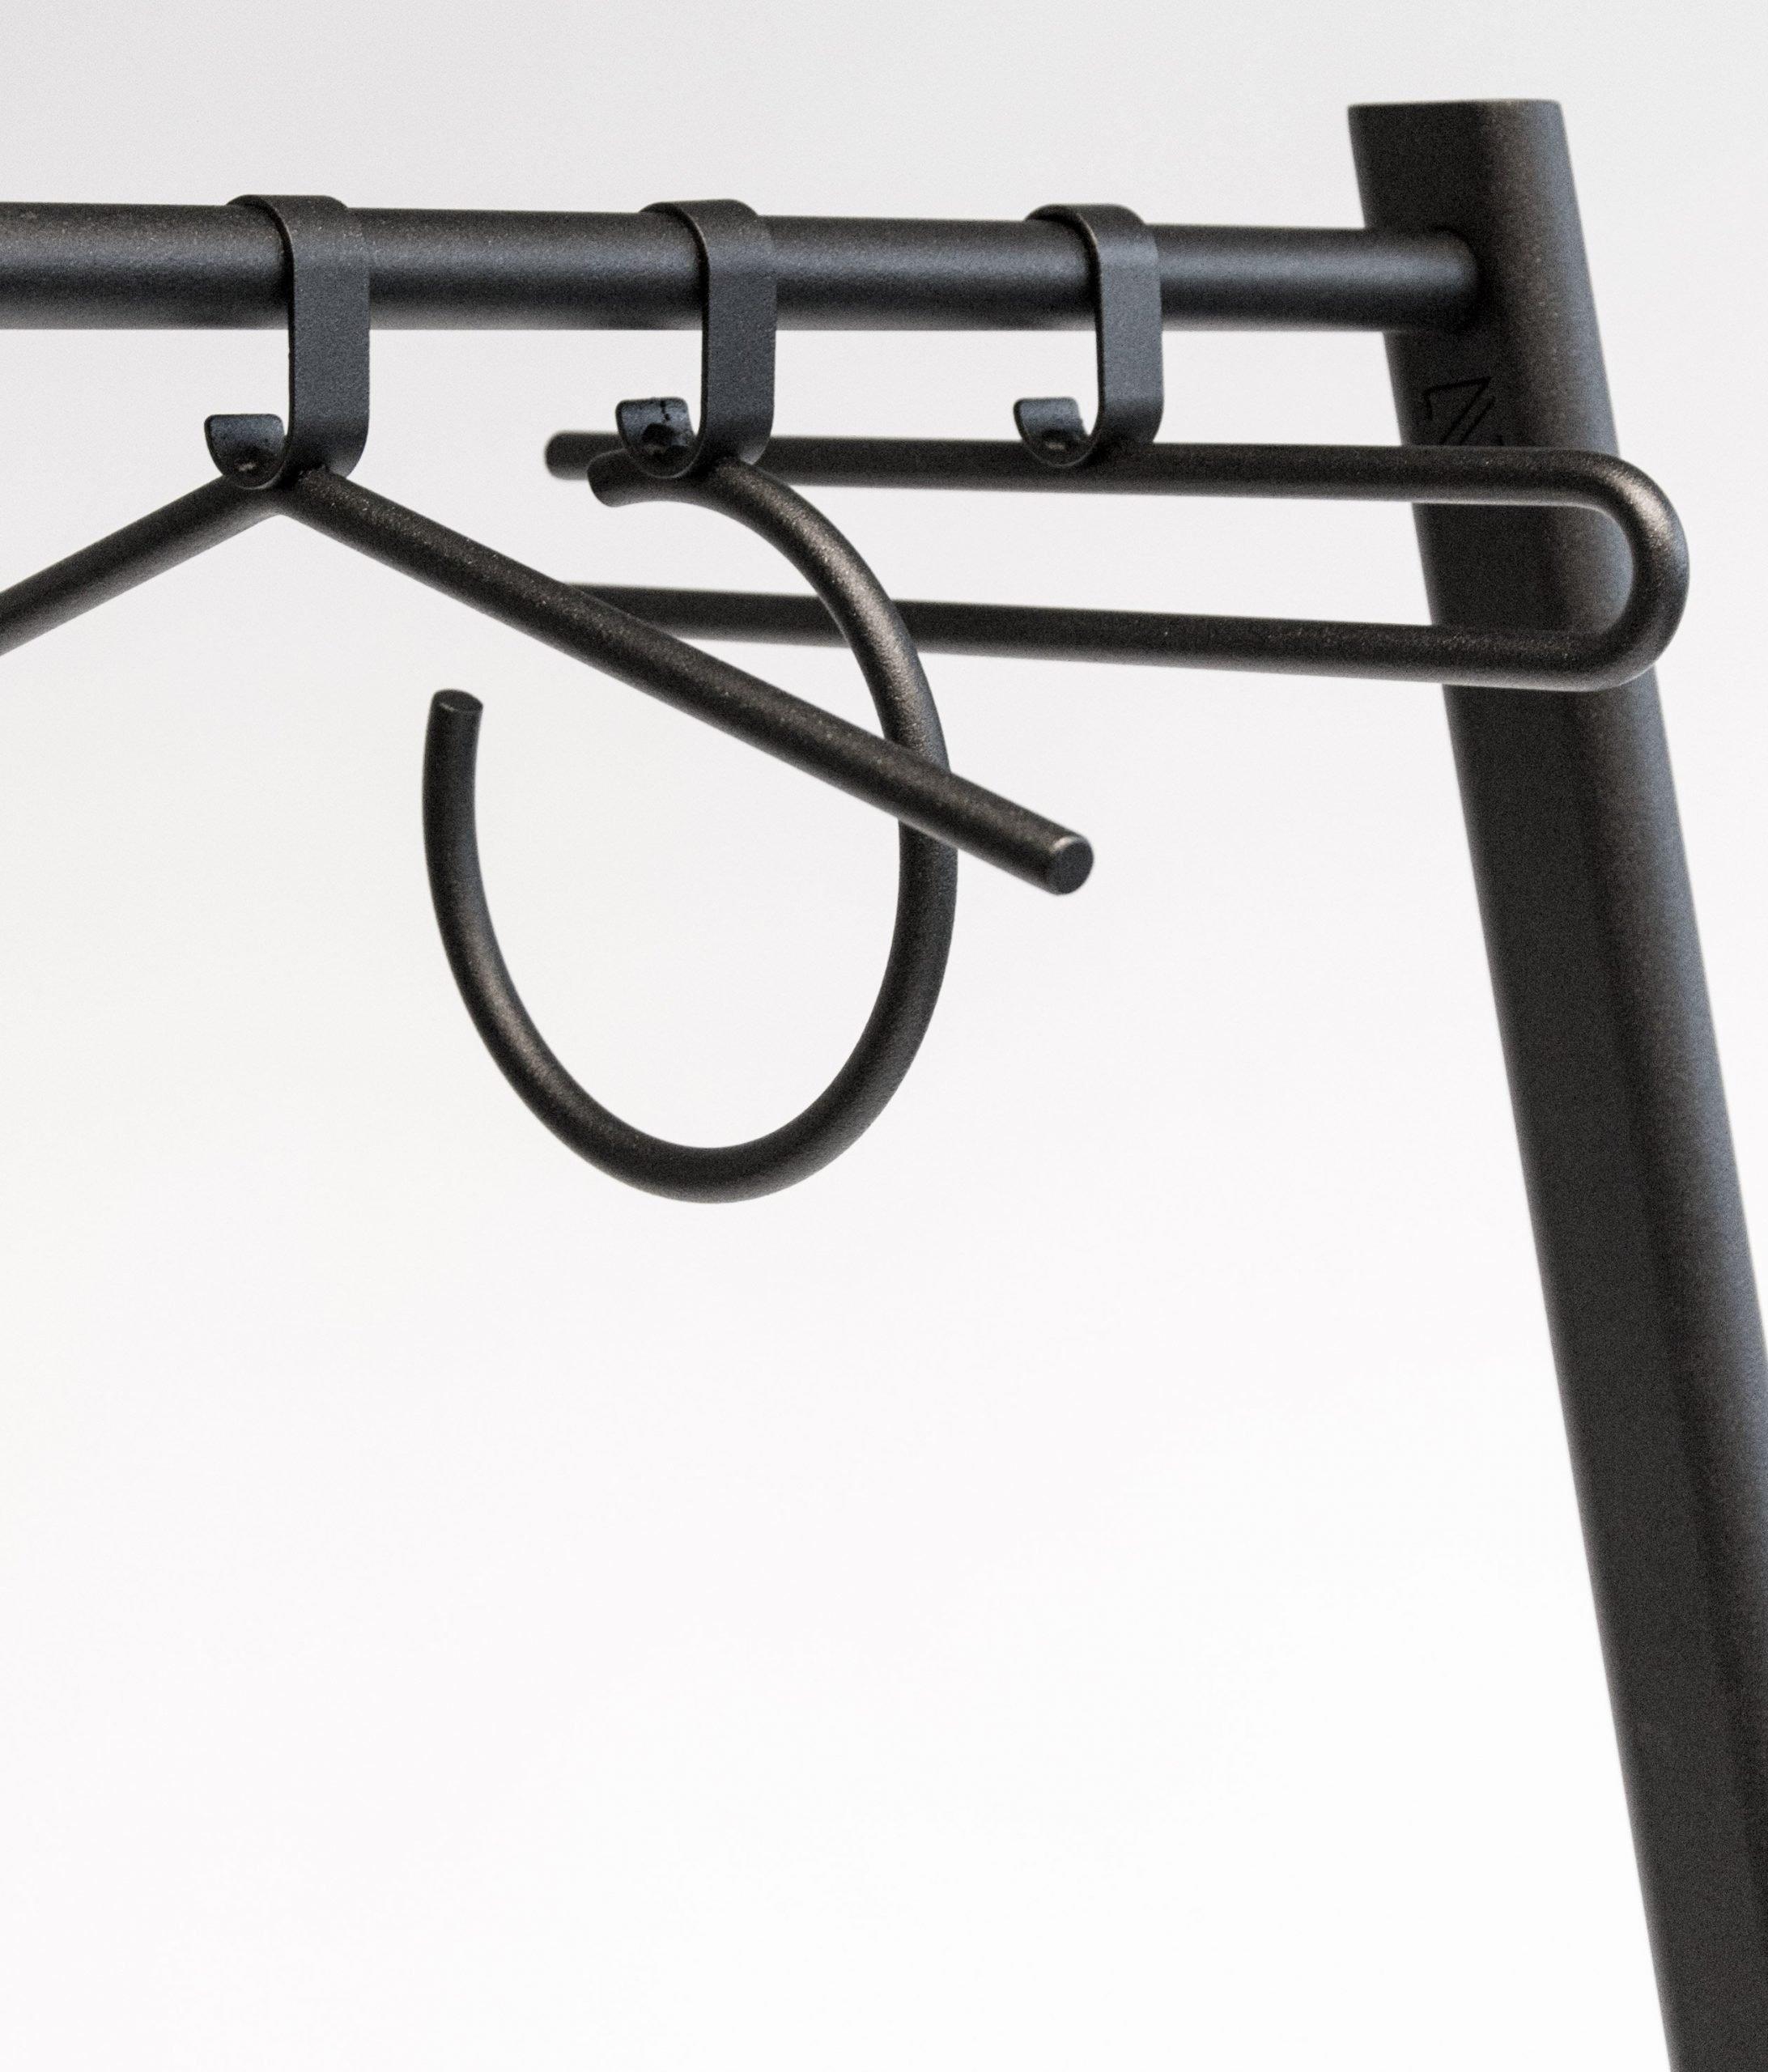 Circulaire kledinghangers gemaakt van restmaterialen bij Studio Perspective